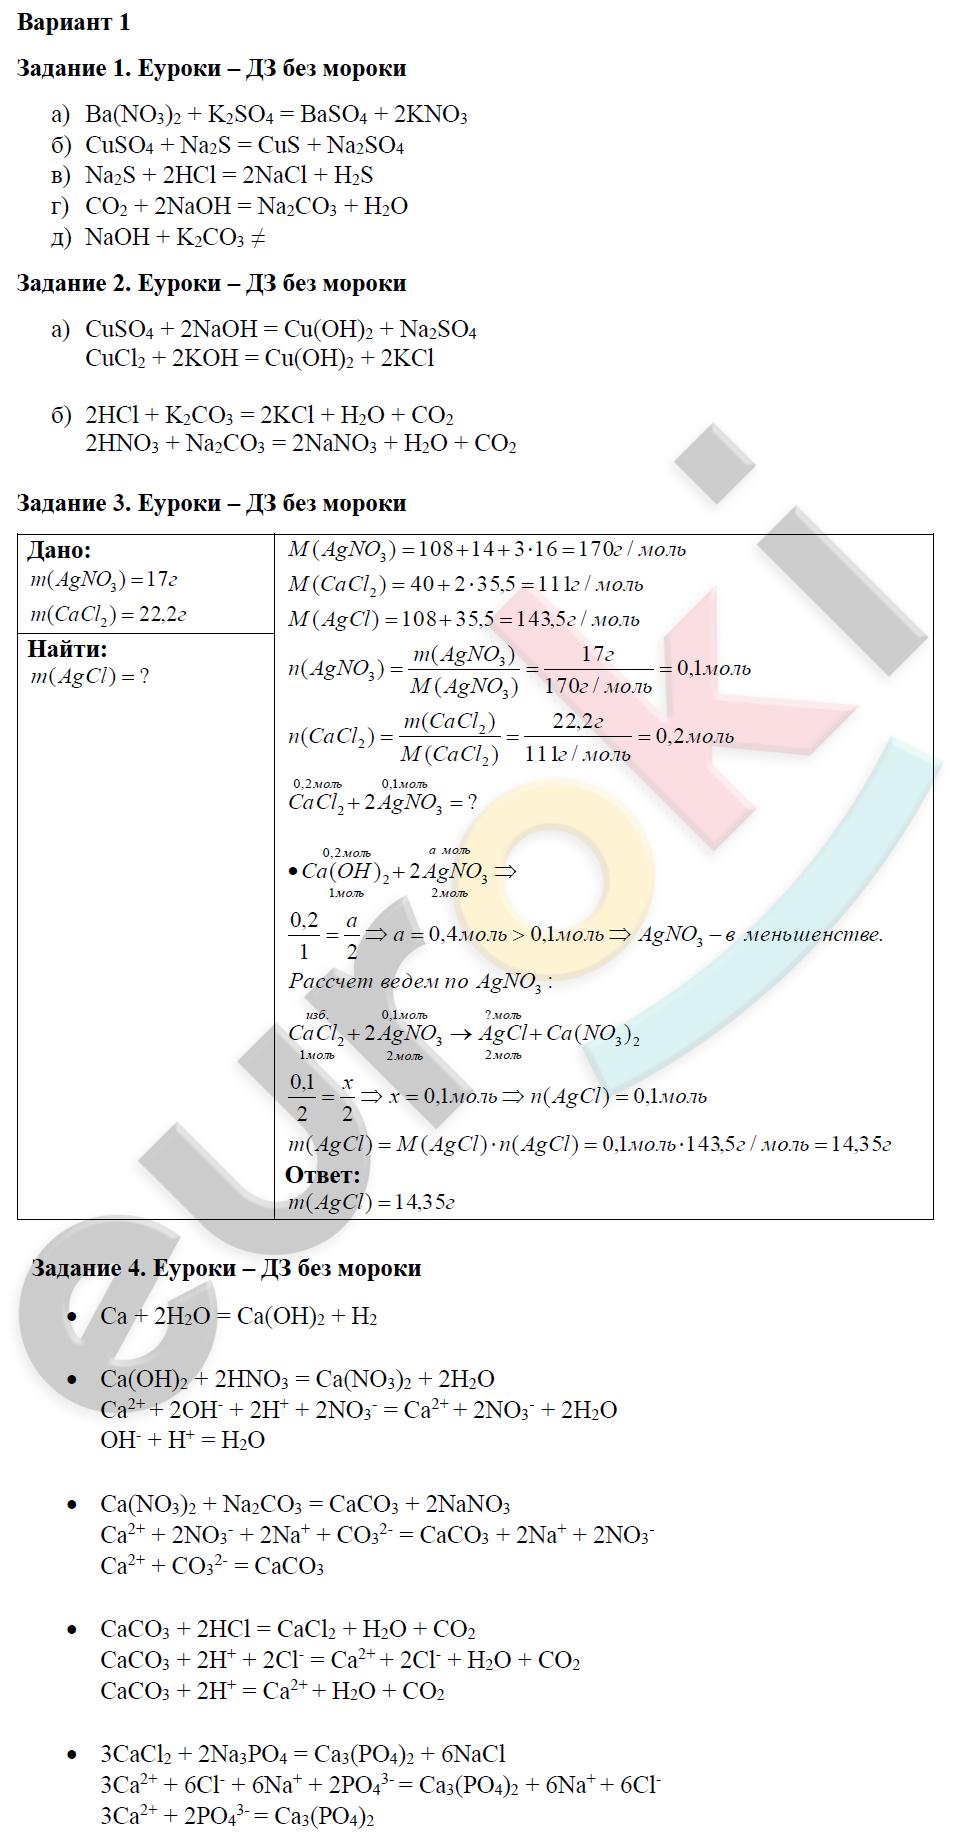 Решение задач химия 9 класс кузнецова решение задача математика 6 класс виленкин